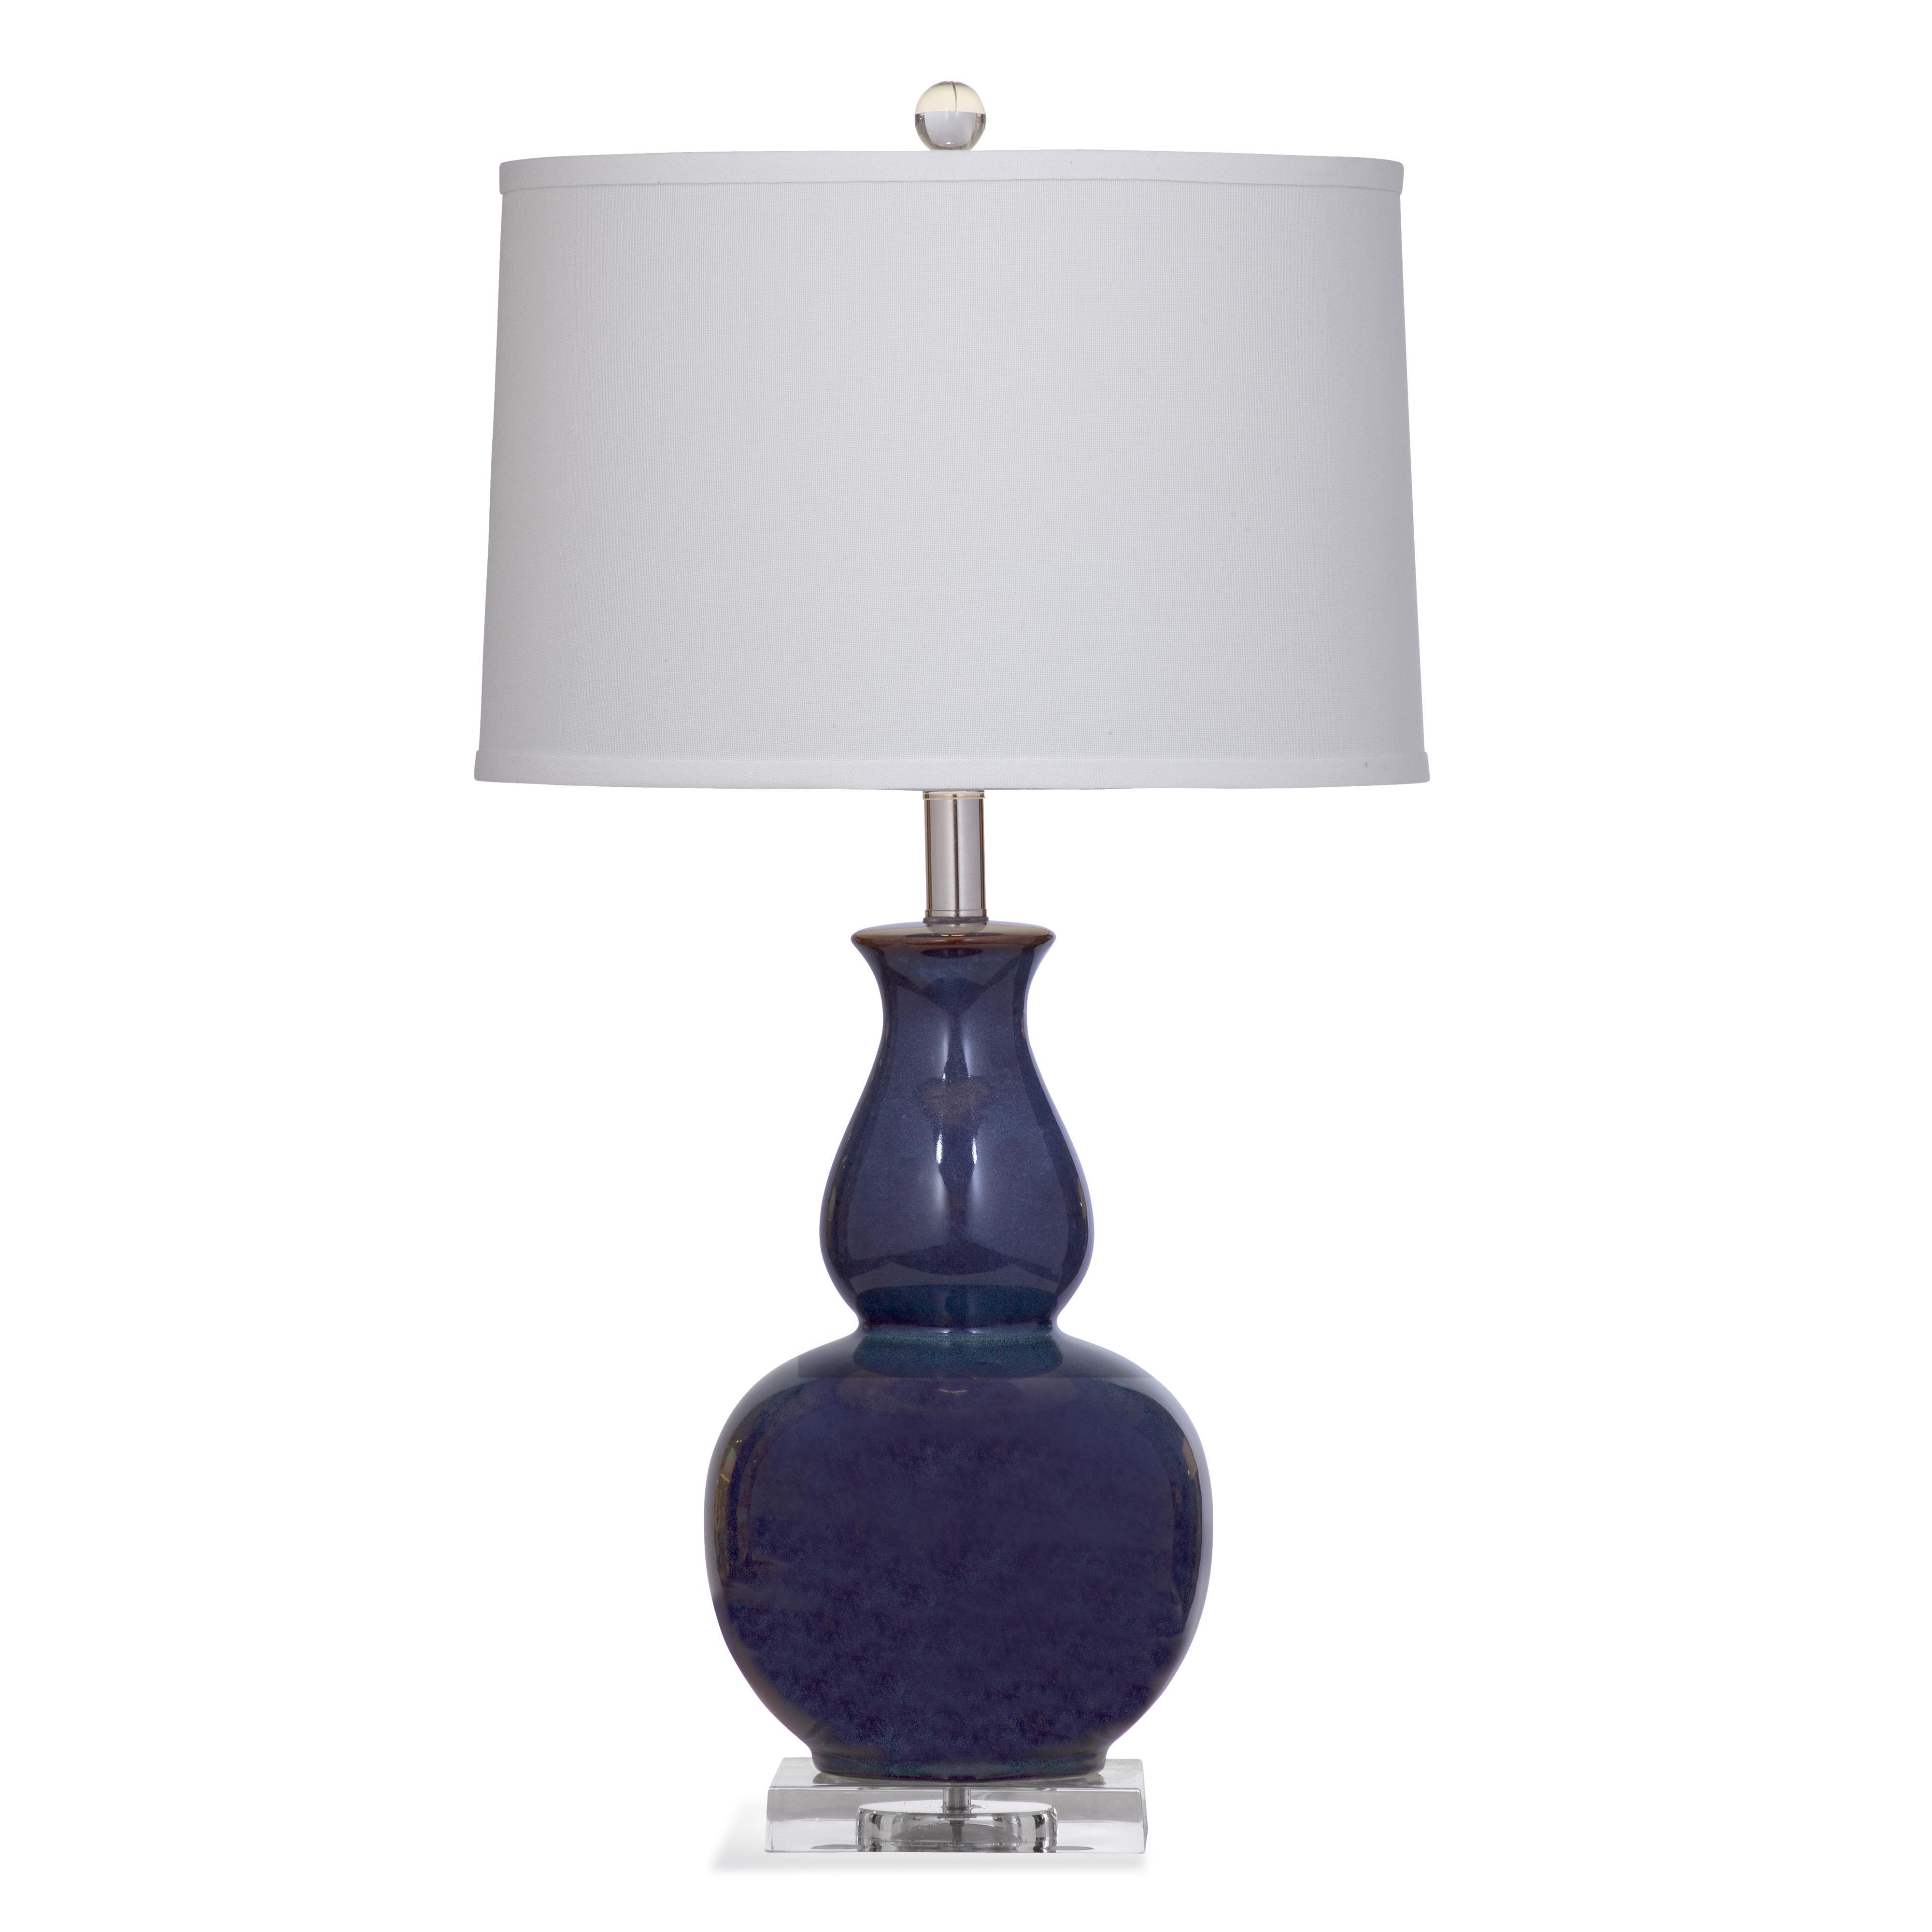 Danbury Table Lamp